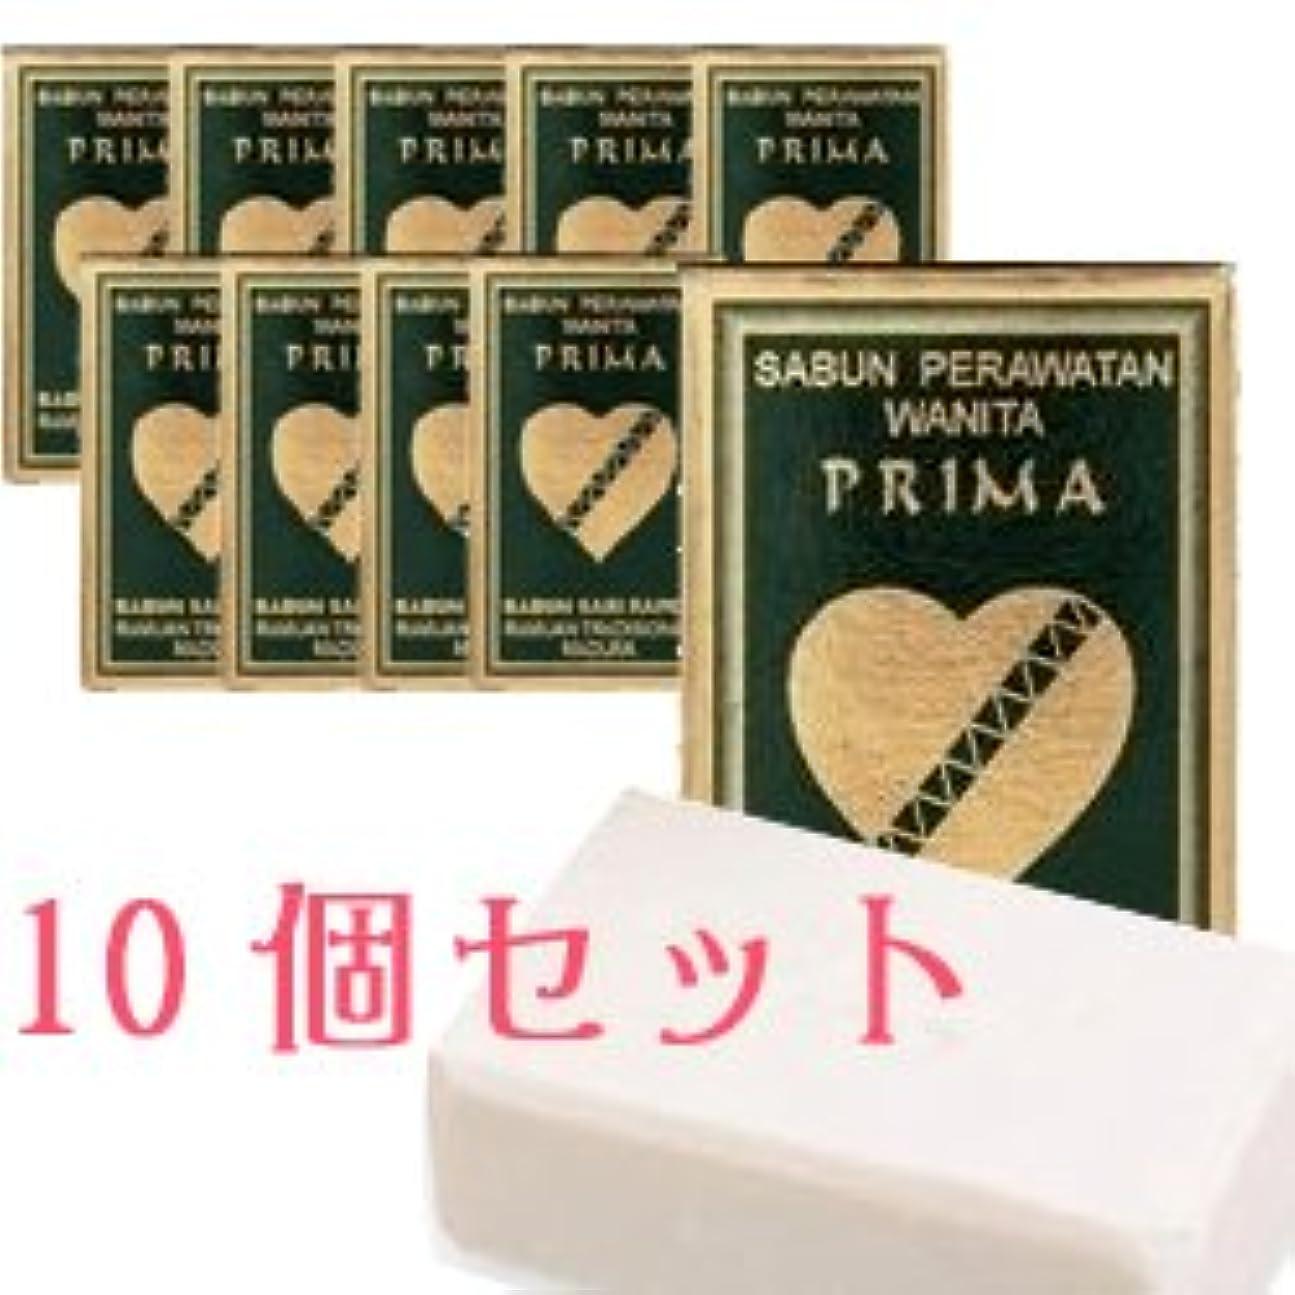 活力巨大な用語集プリマ サリラペソープ 80g 10個セット 【並行輸入品】